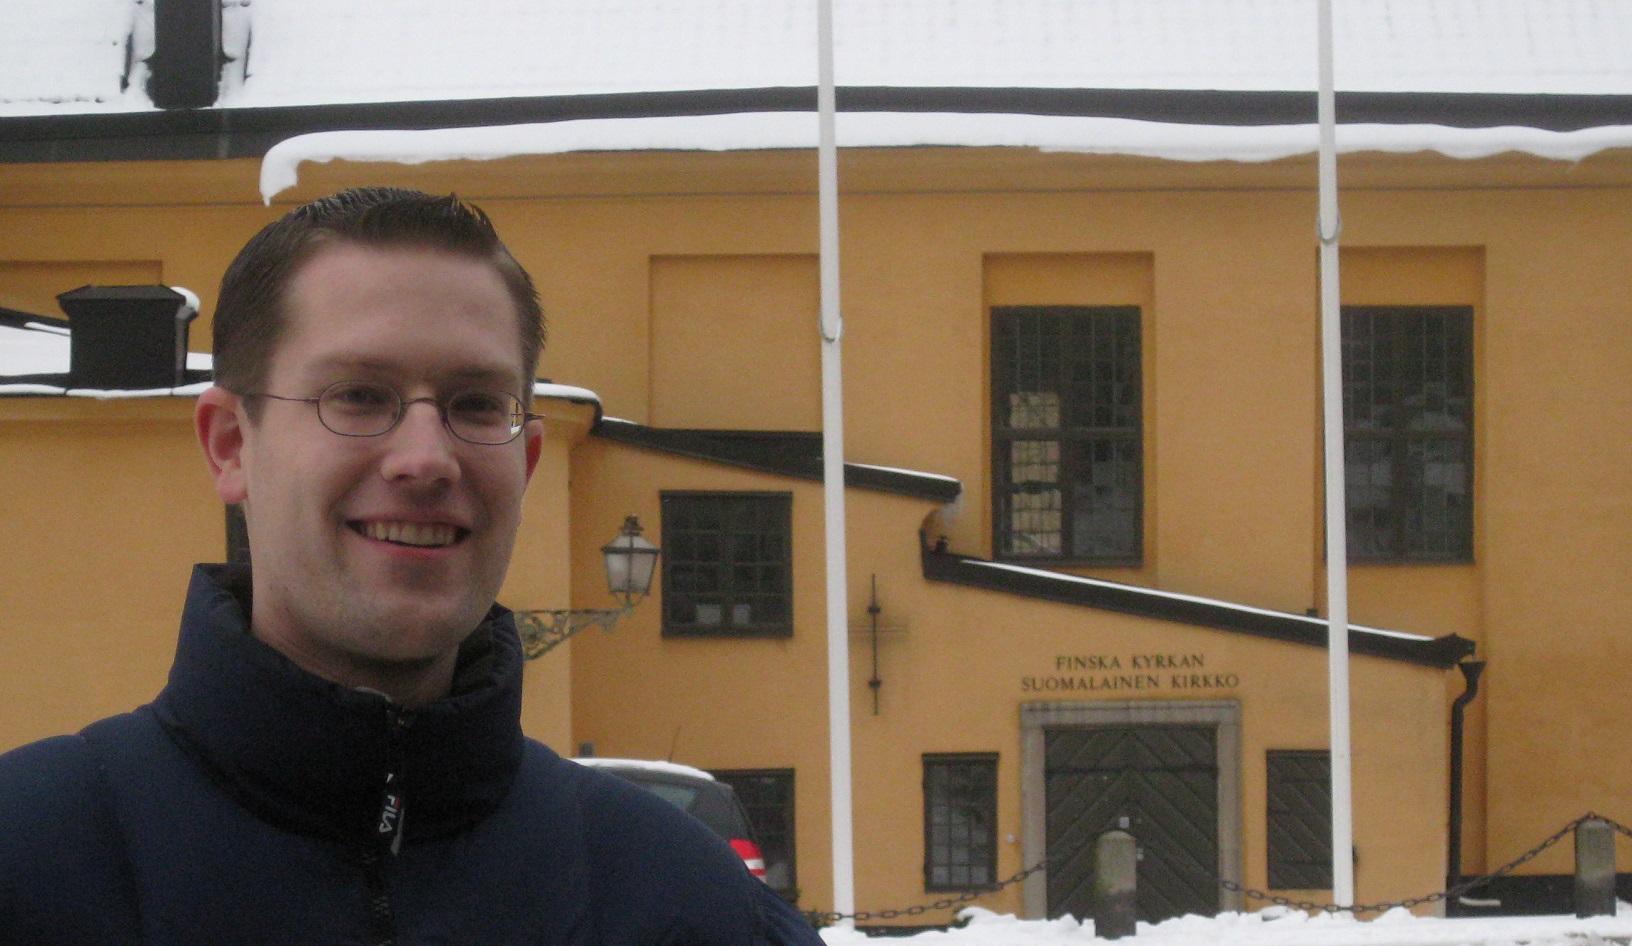 Suomalainen kirkko Tukholma